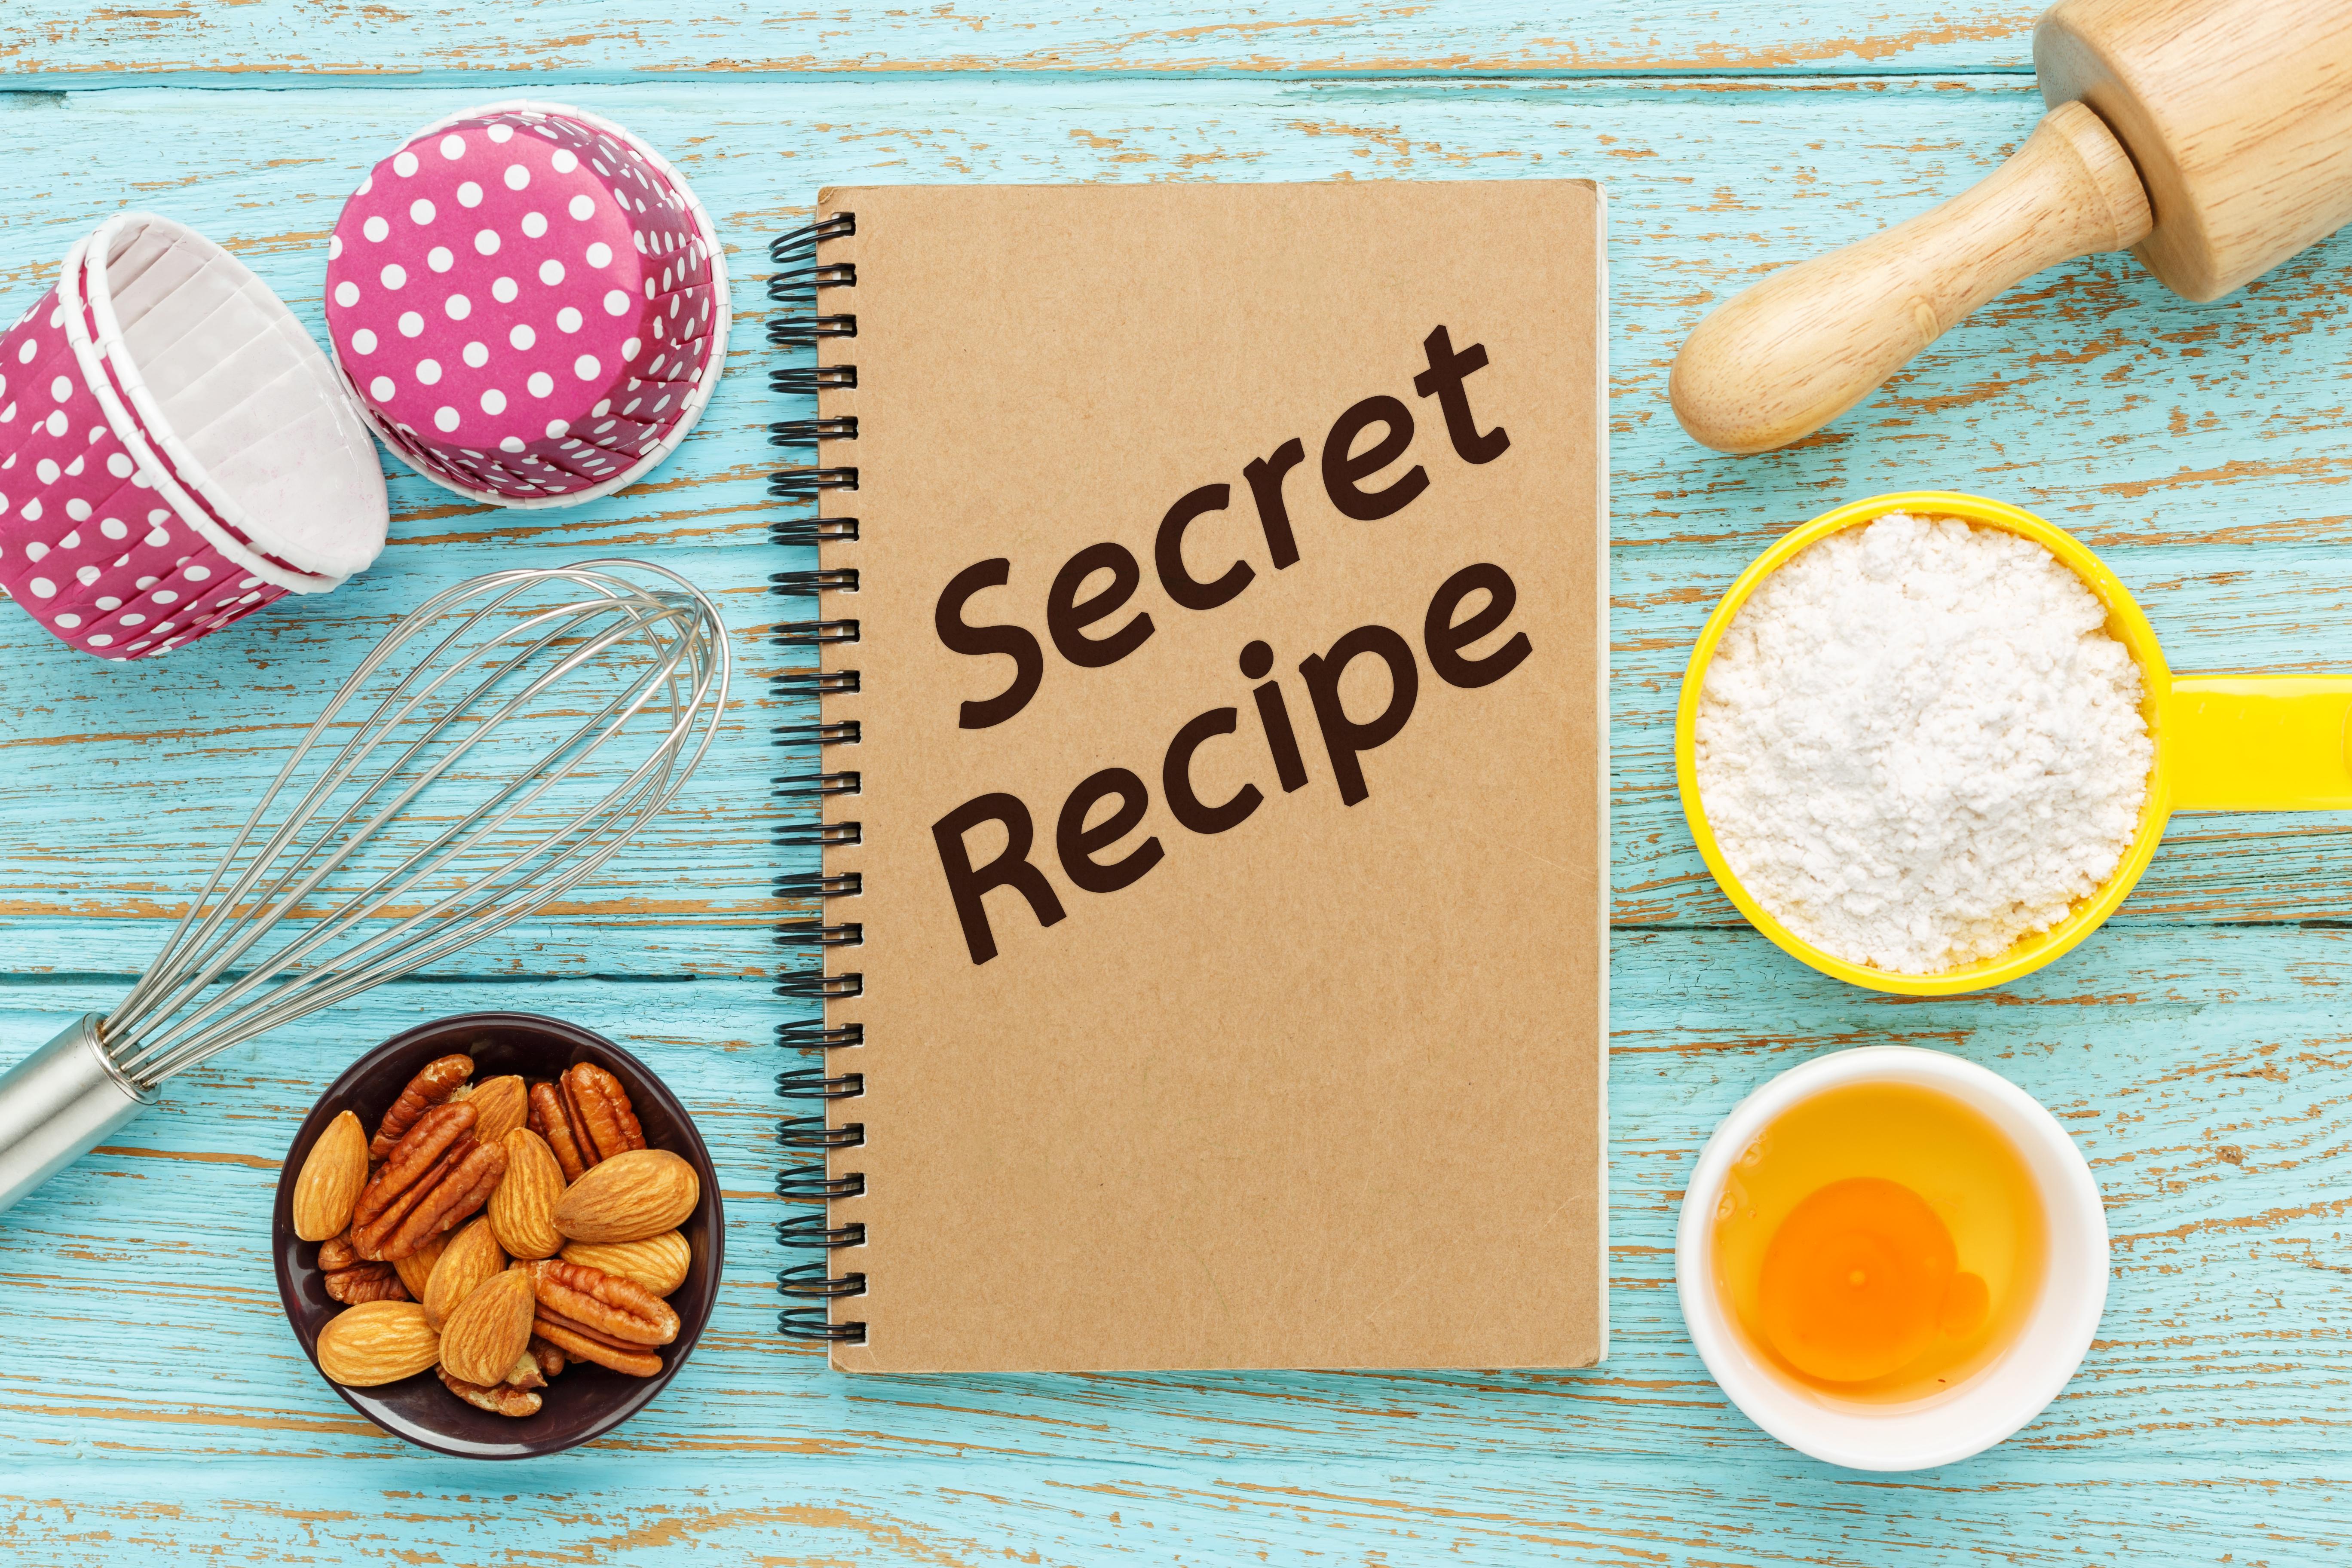 秘密のレシピ